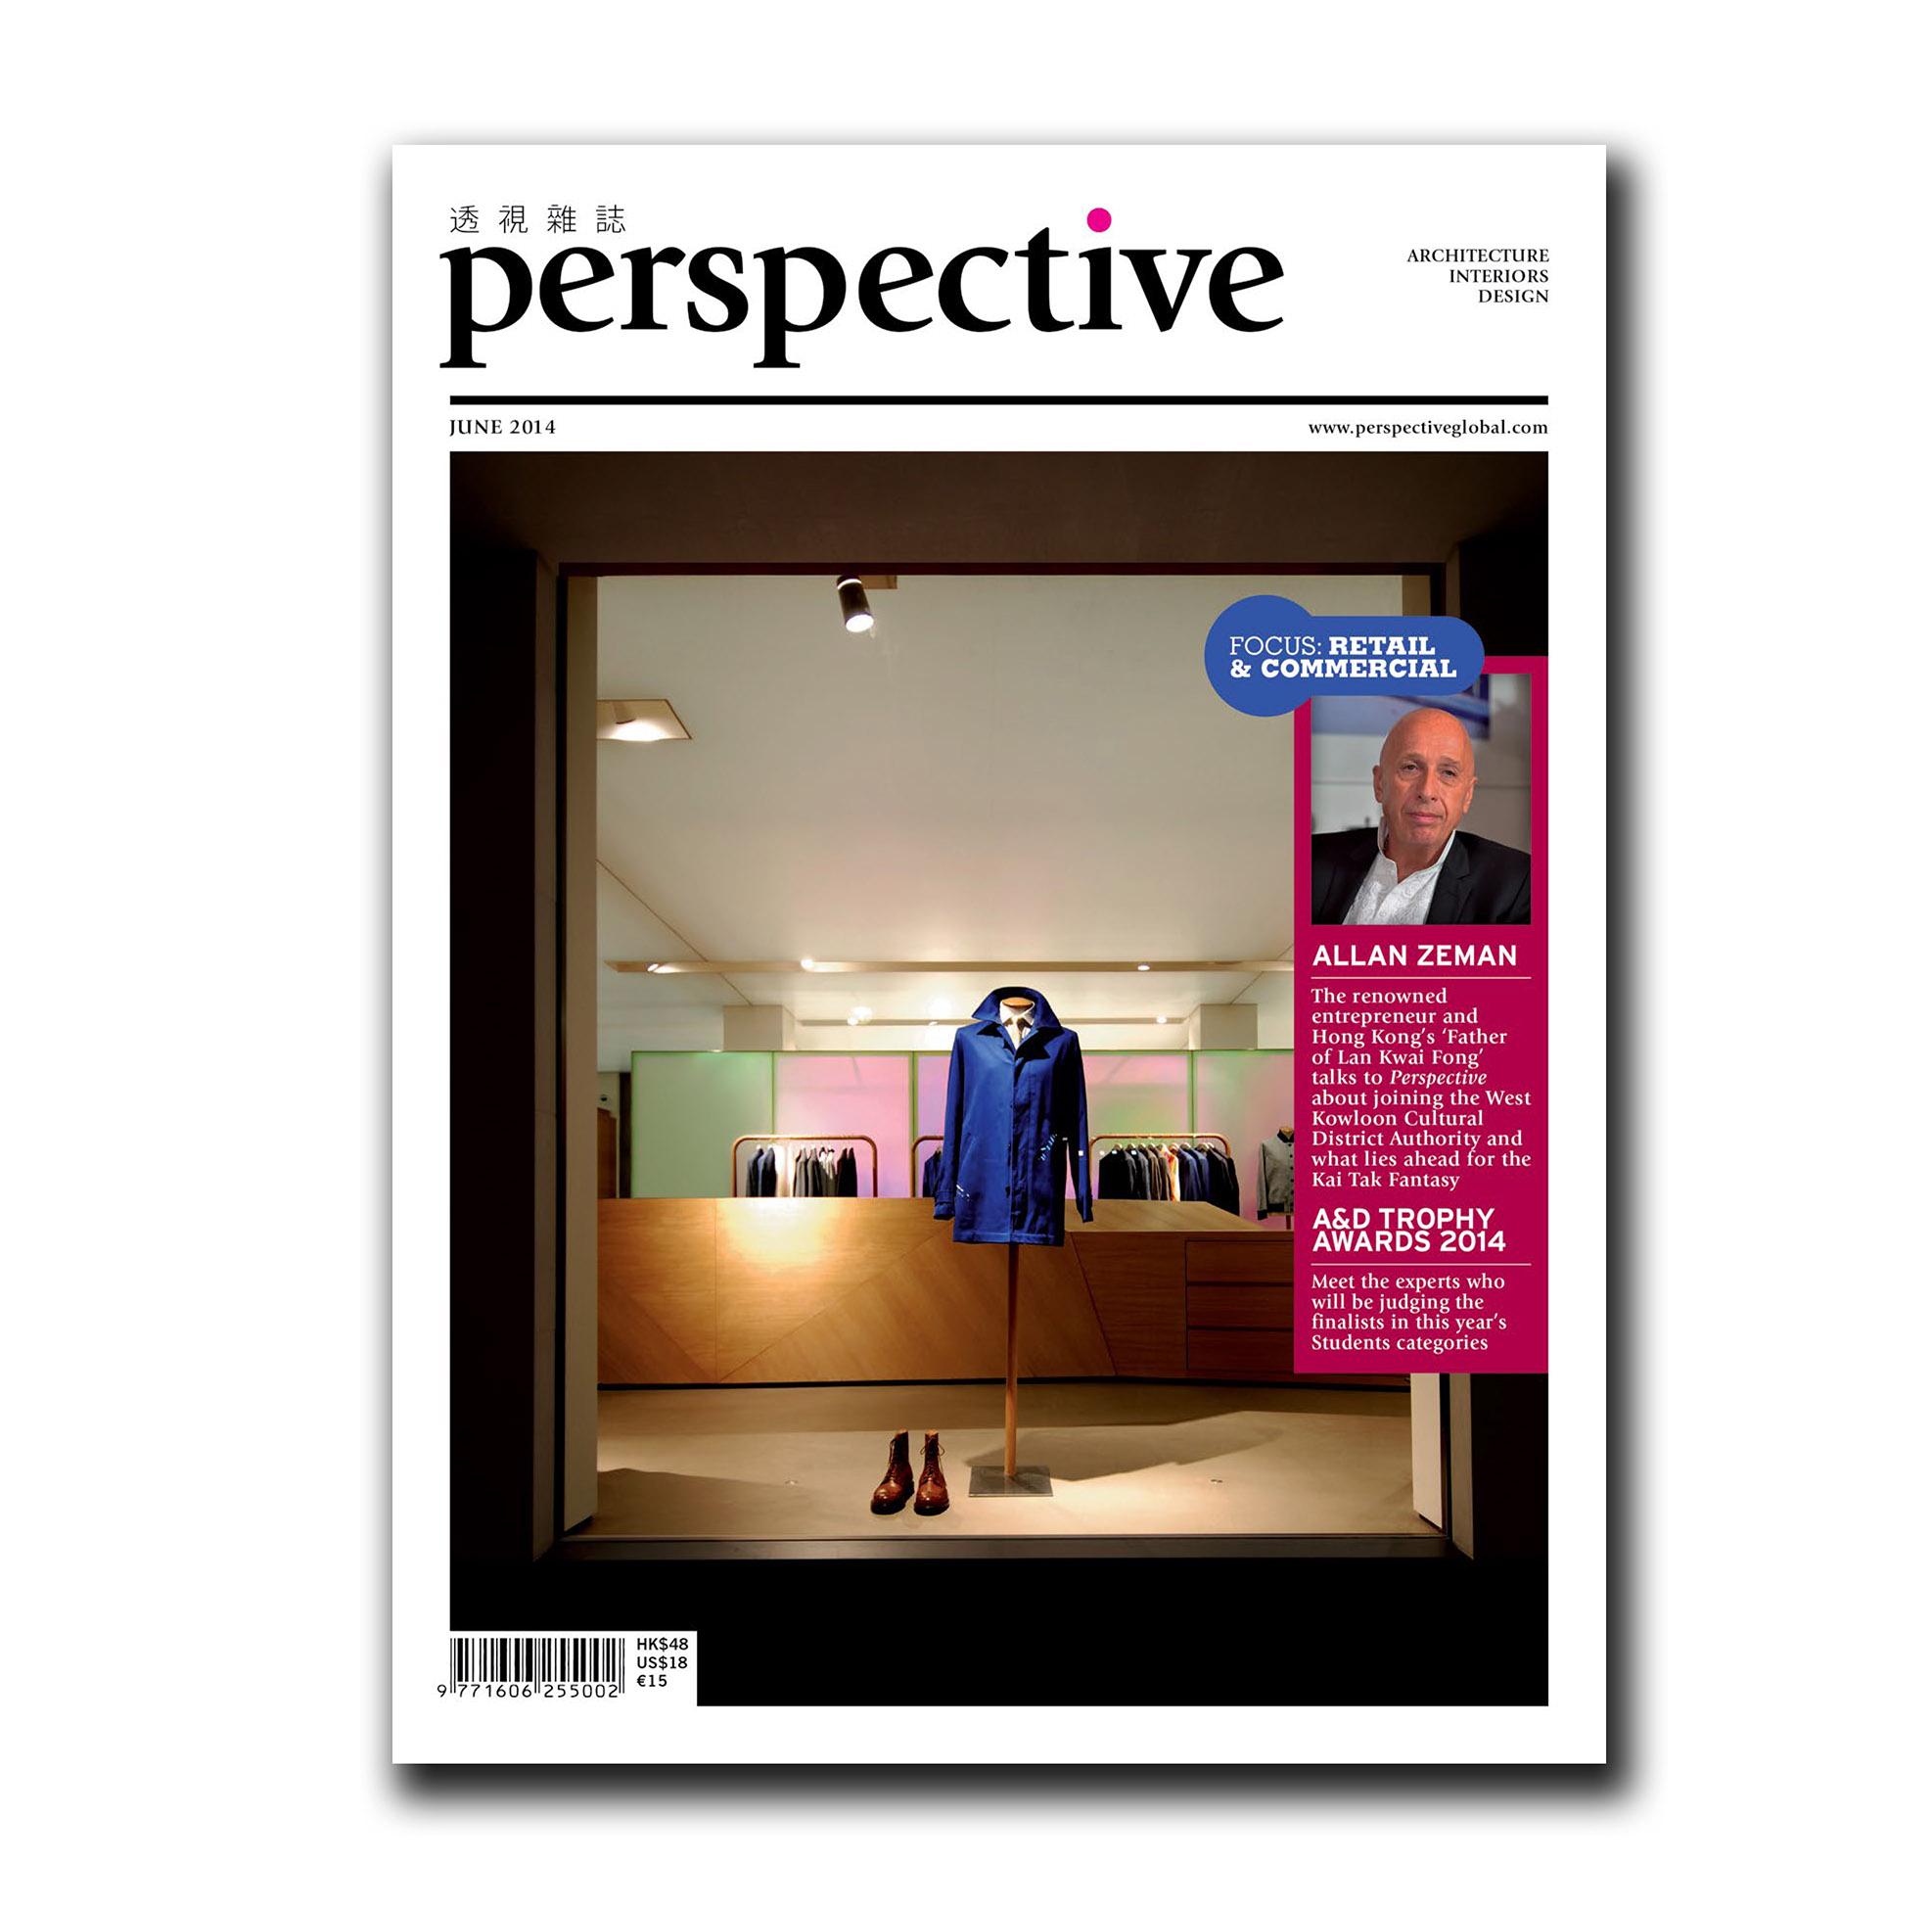 Perspective-June 2014.jpg